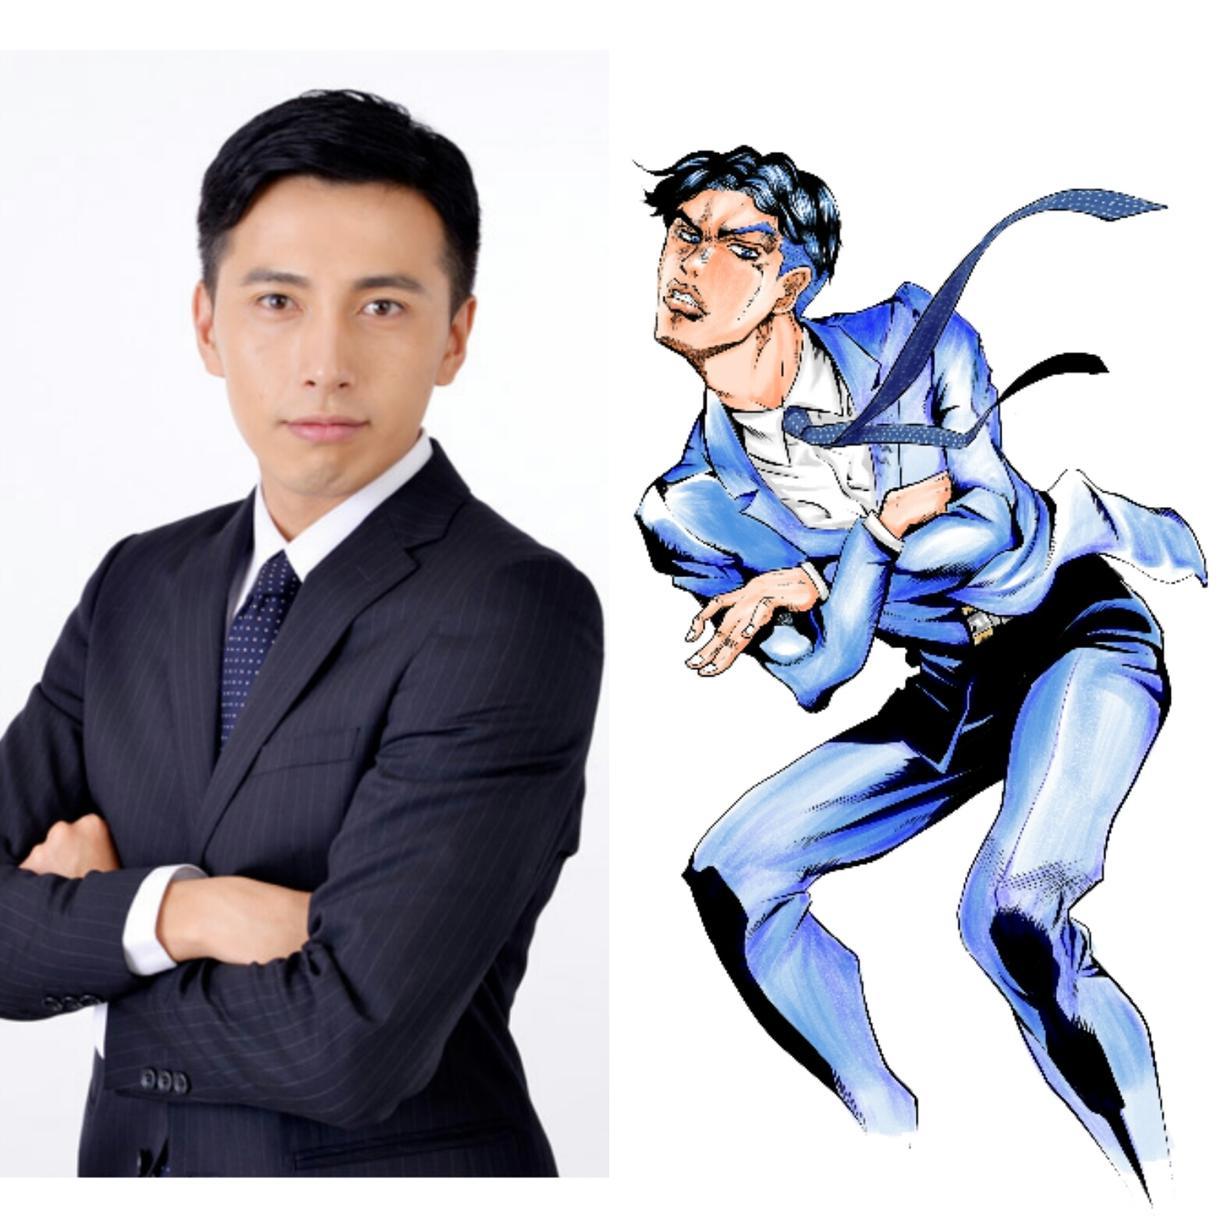 好きな漫画、アニメタッチでアナタの似顔絵を描きます 「マンガ愛」でビジネスが動き出す!話題のきっかけ親近感UP!